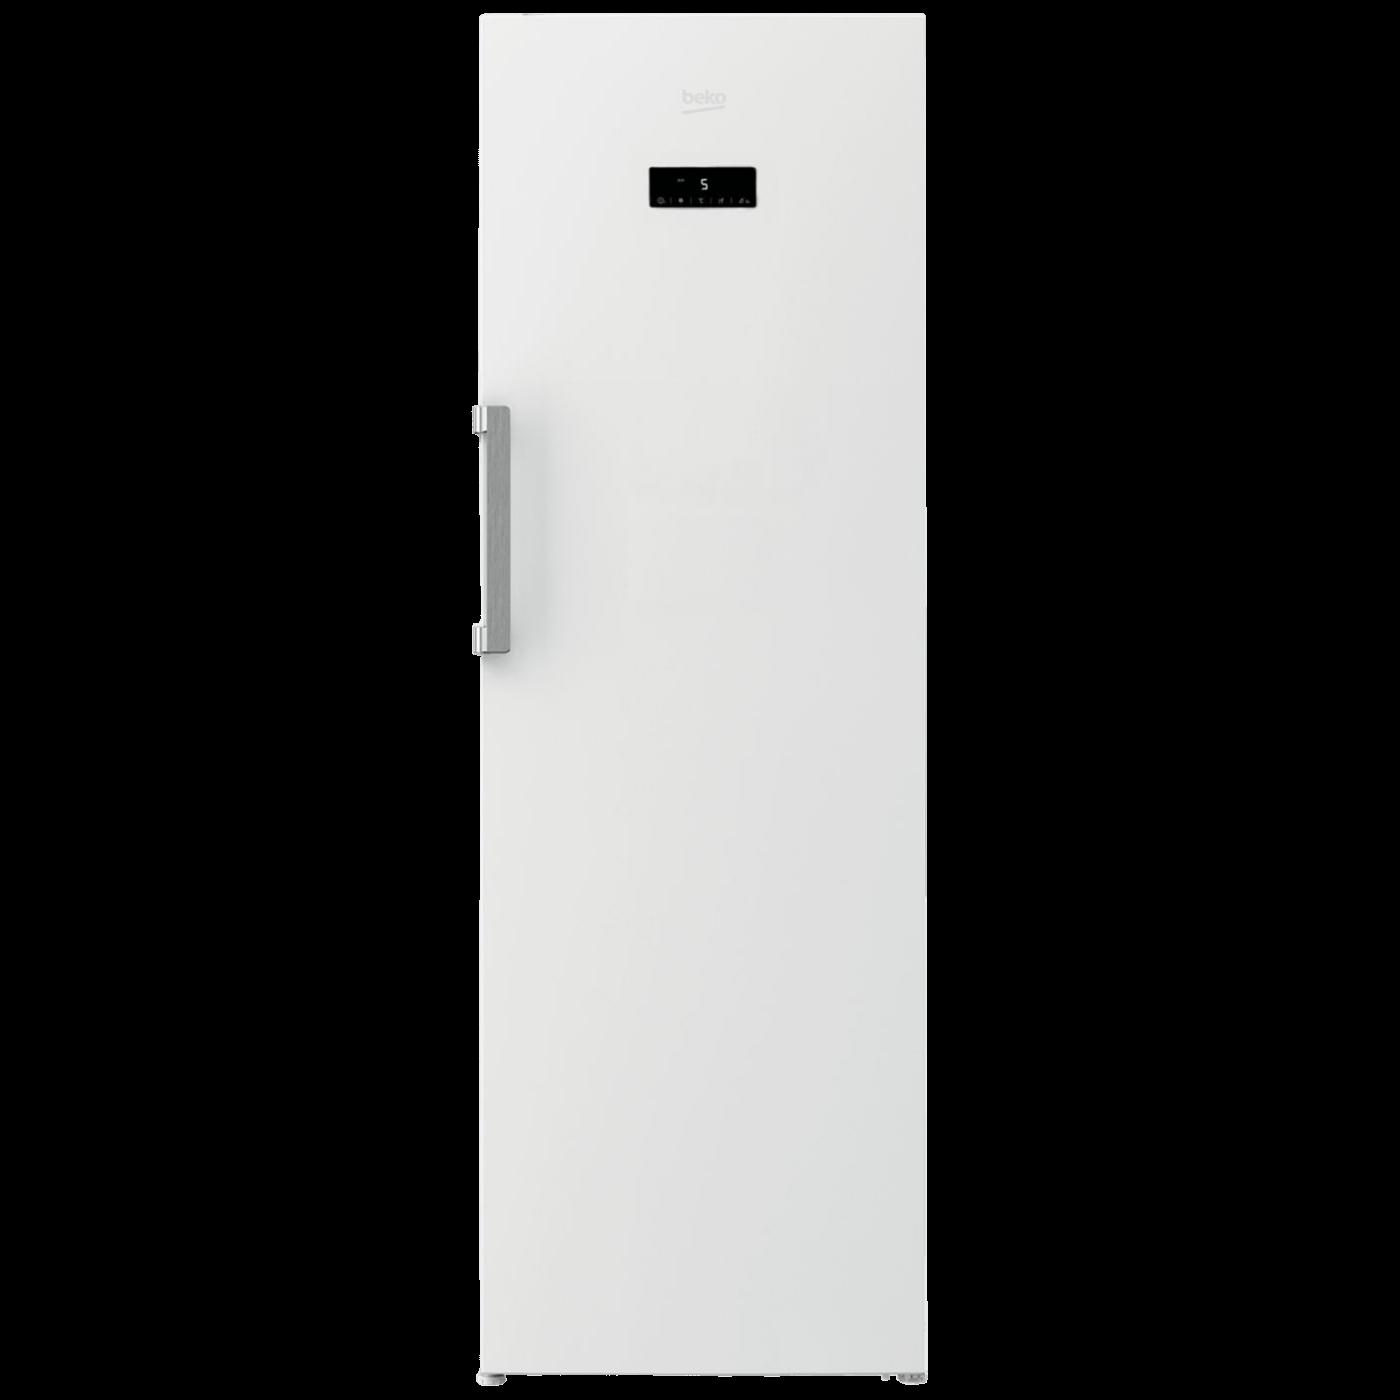 Frižider/zamrzivač, brutto zapremina 375 lit., A+